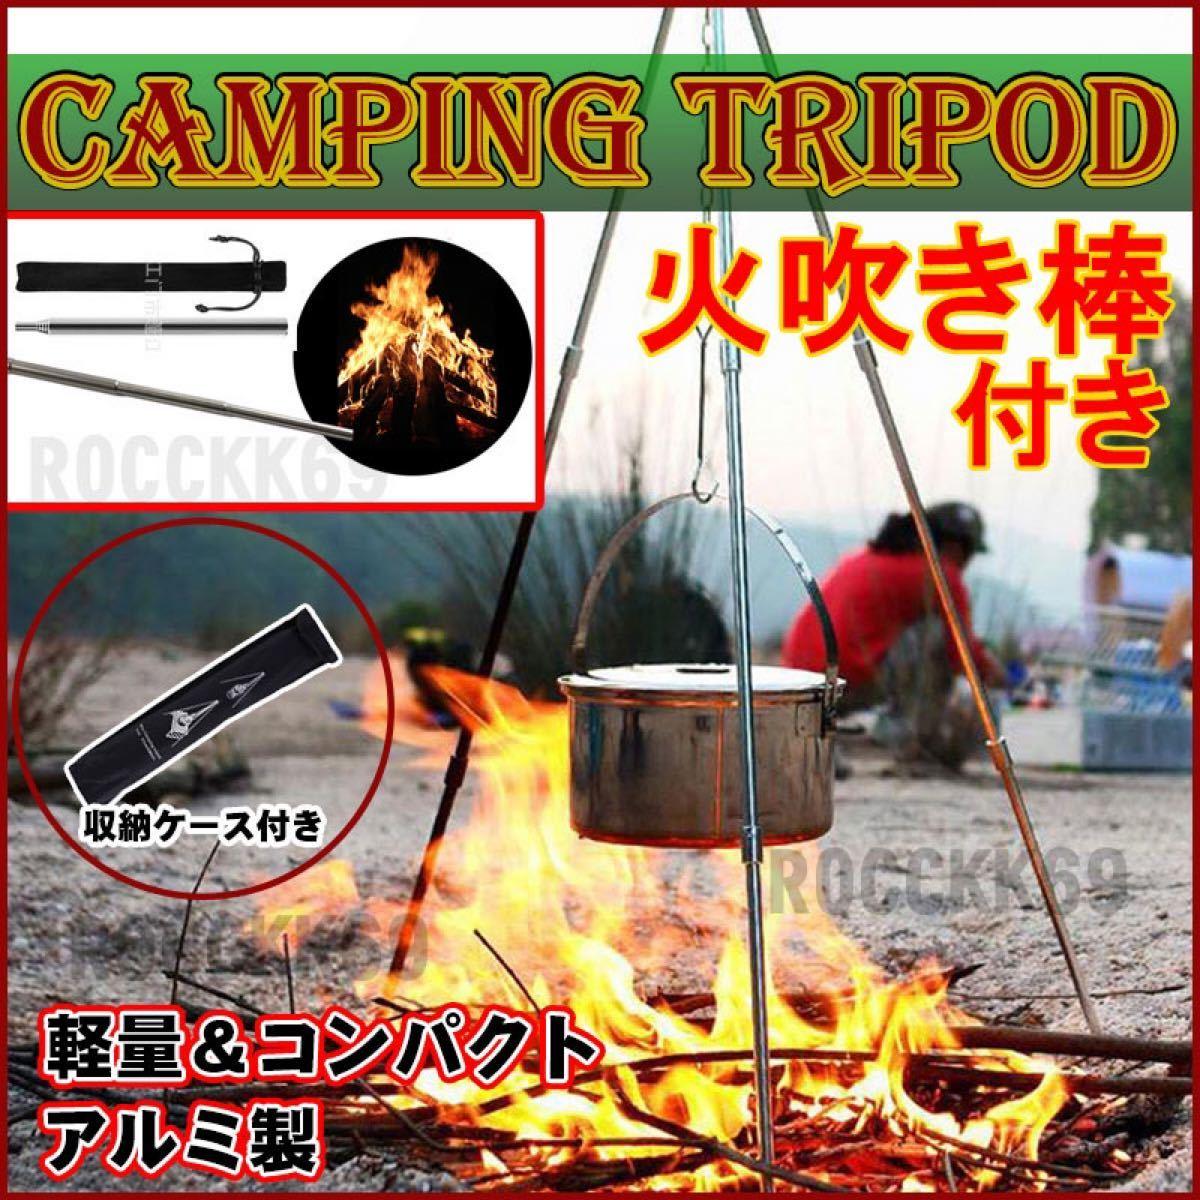 トライポッド & 火吹き棒 アウトドア 焚き火料理 キャンプ コンパクト収納